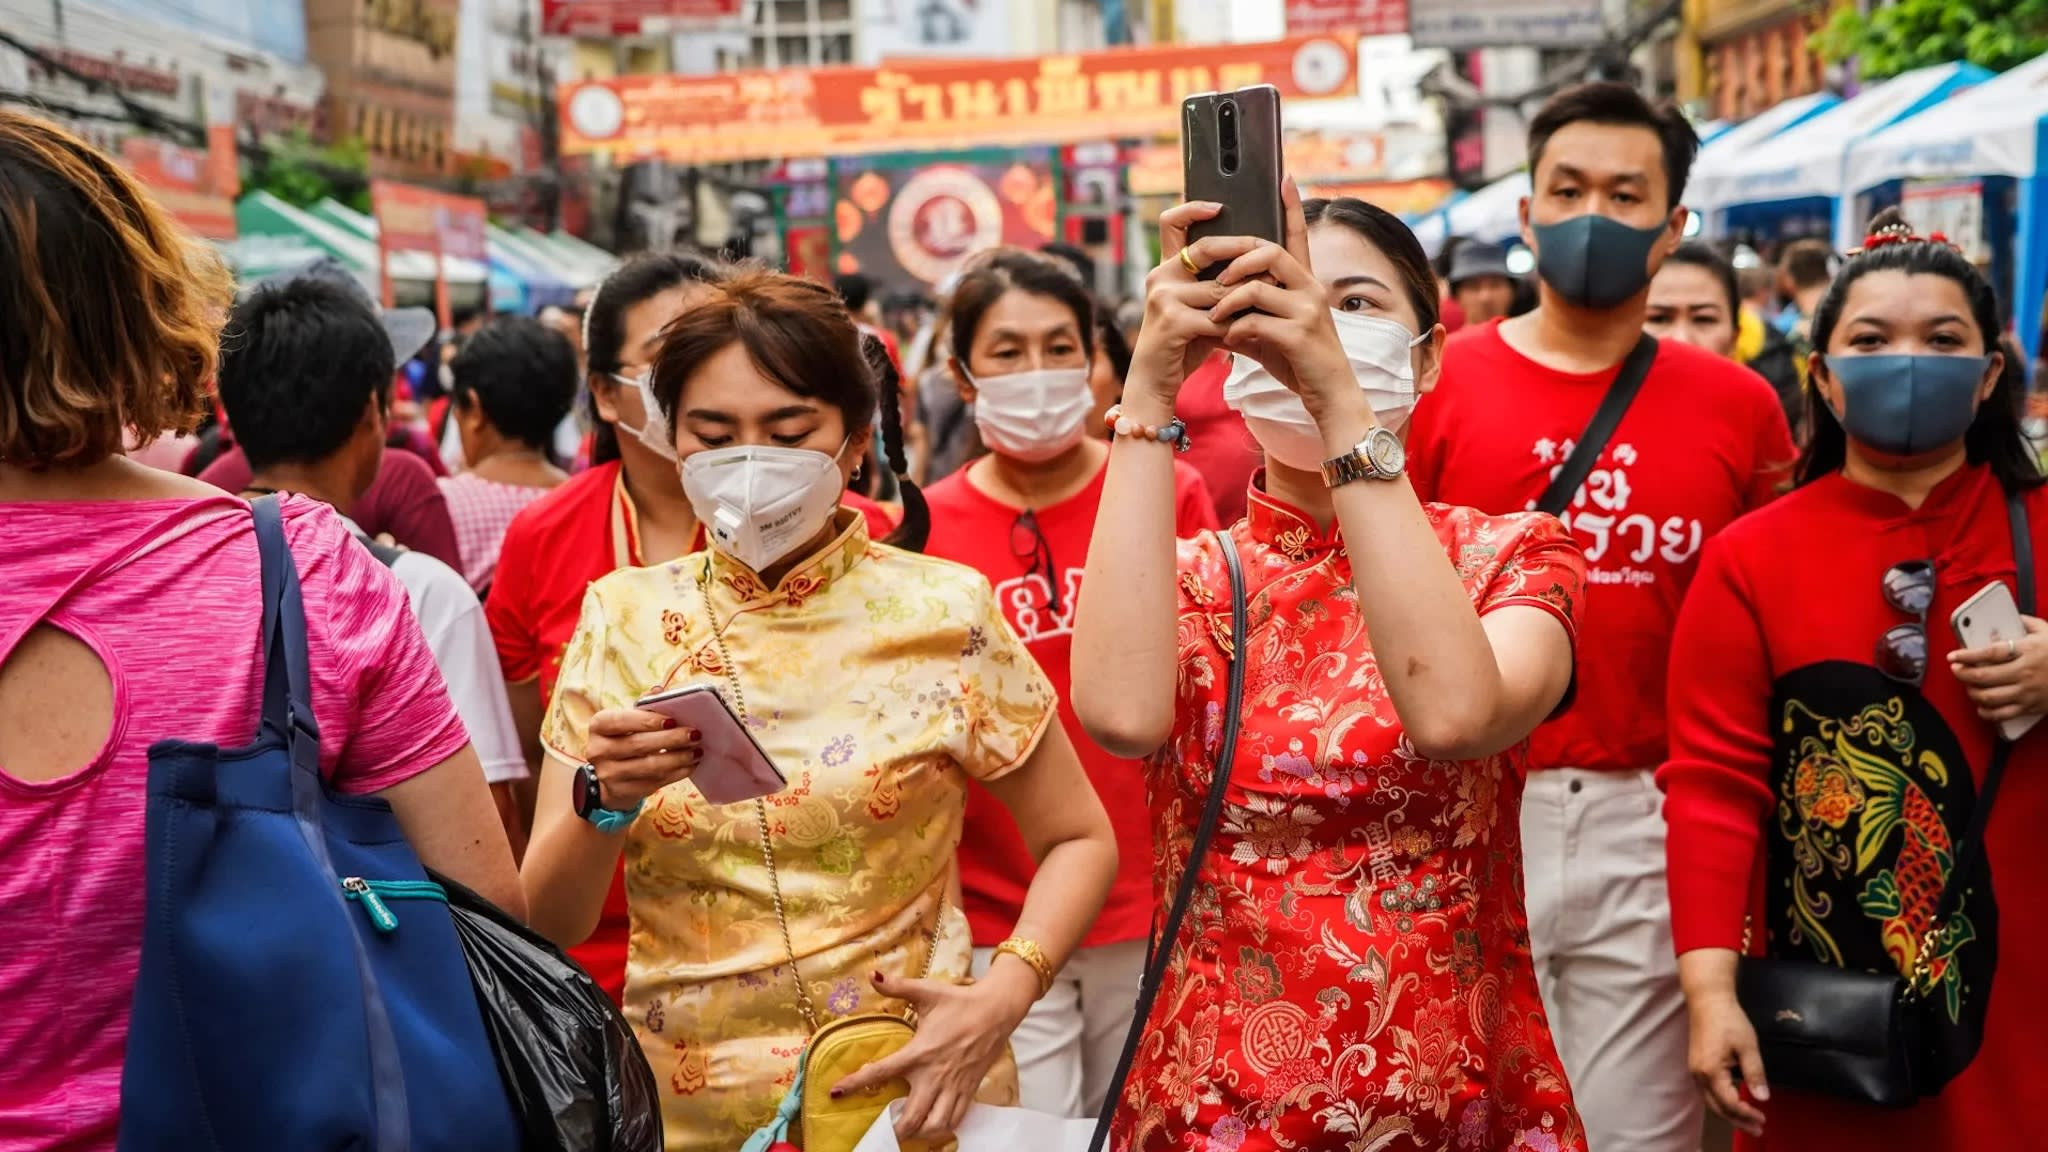 Début 2020, des touristes se promènent masqués dans le Chinatown de Bangkok (Crédit : Akira Kodaka via Nikkei Asian Review)